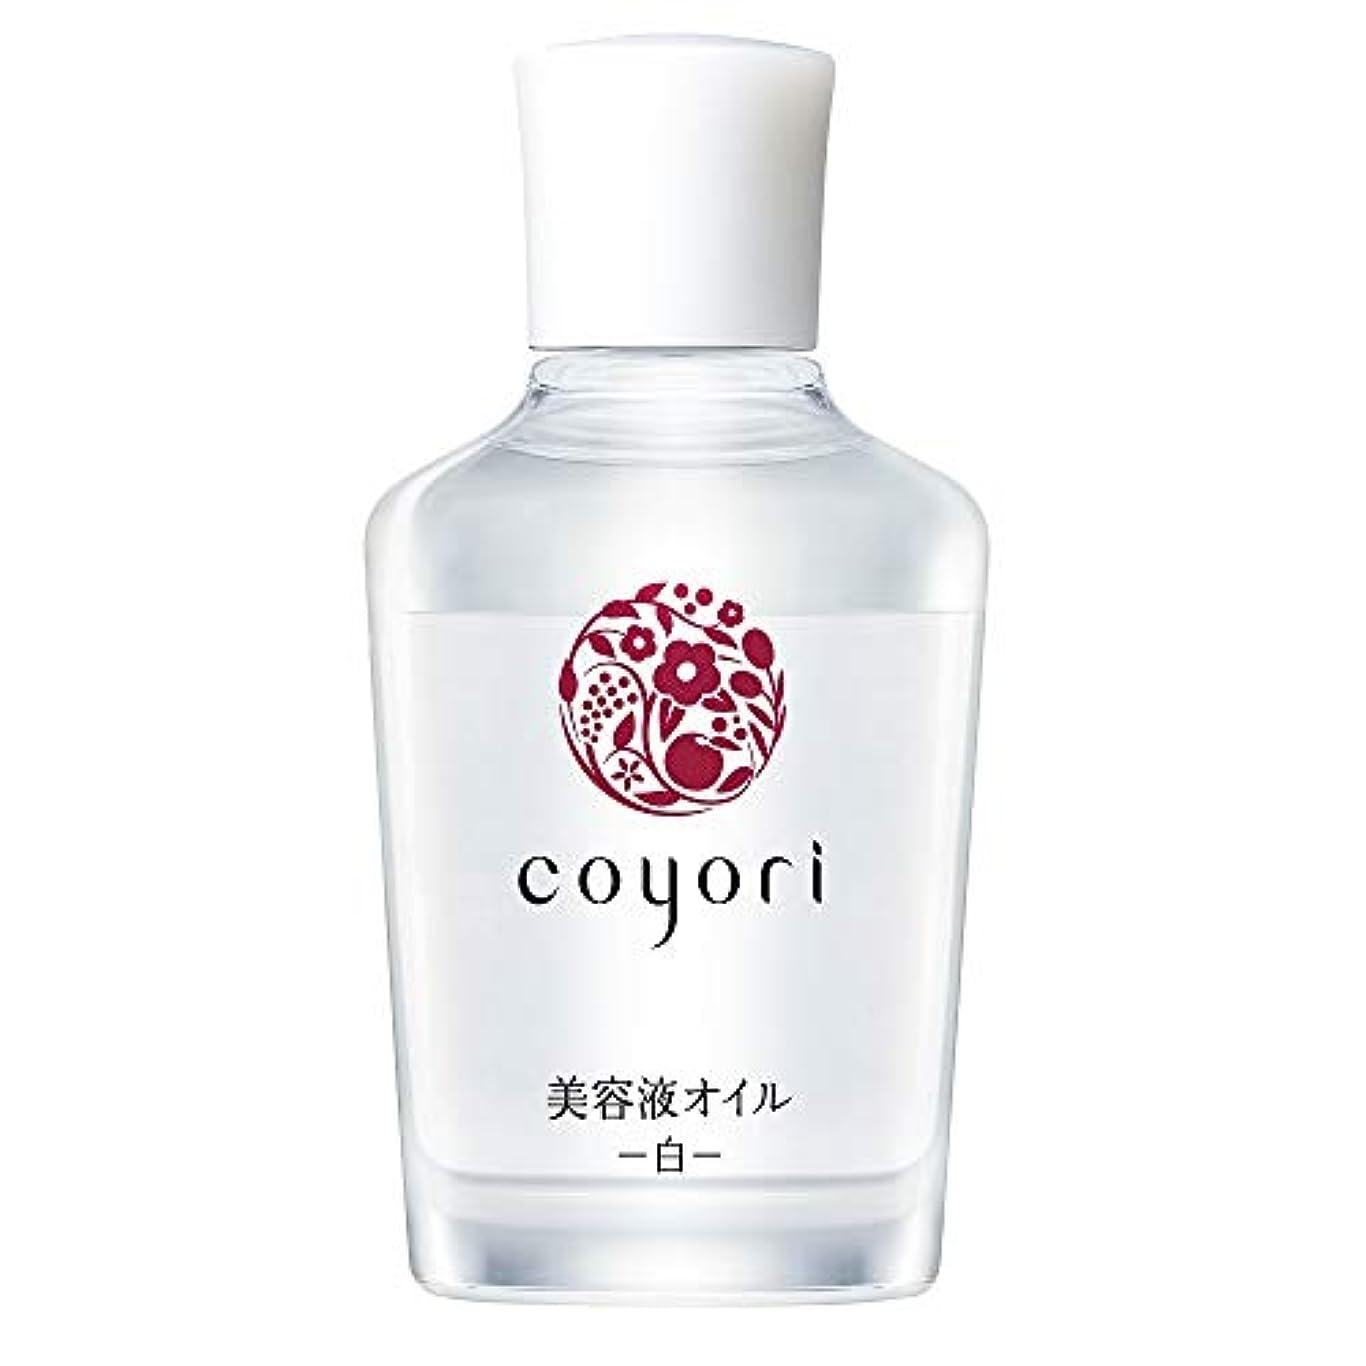 しないでください申し立てスーダン[公式] コヨリ 美容液オイル-白- 40mL 大容量 無添加[高機能 自然派 エイジングケア 乾燥肌 敏感肌 くすみ 乾燥 小じわ 対策用 もっちり ハリ ツヤ フェイスオイル ]